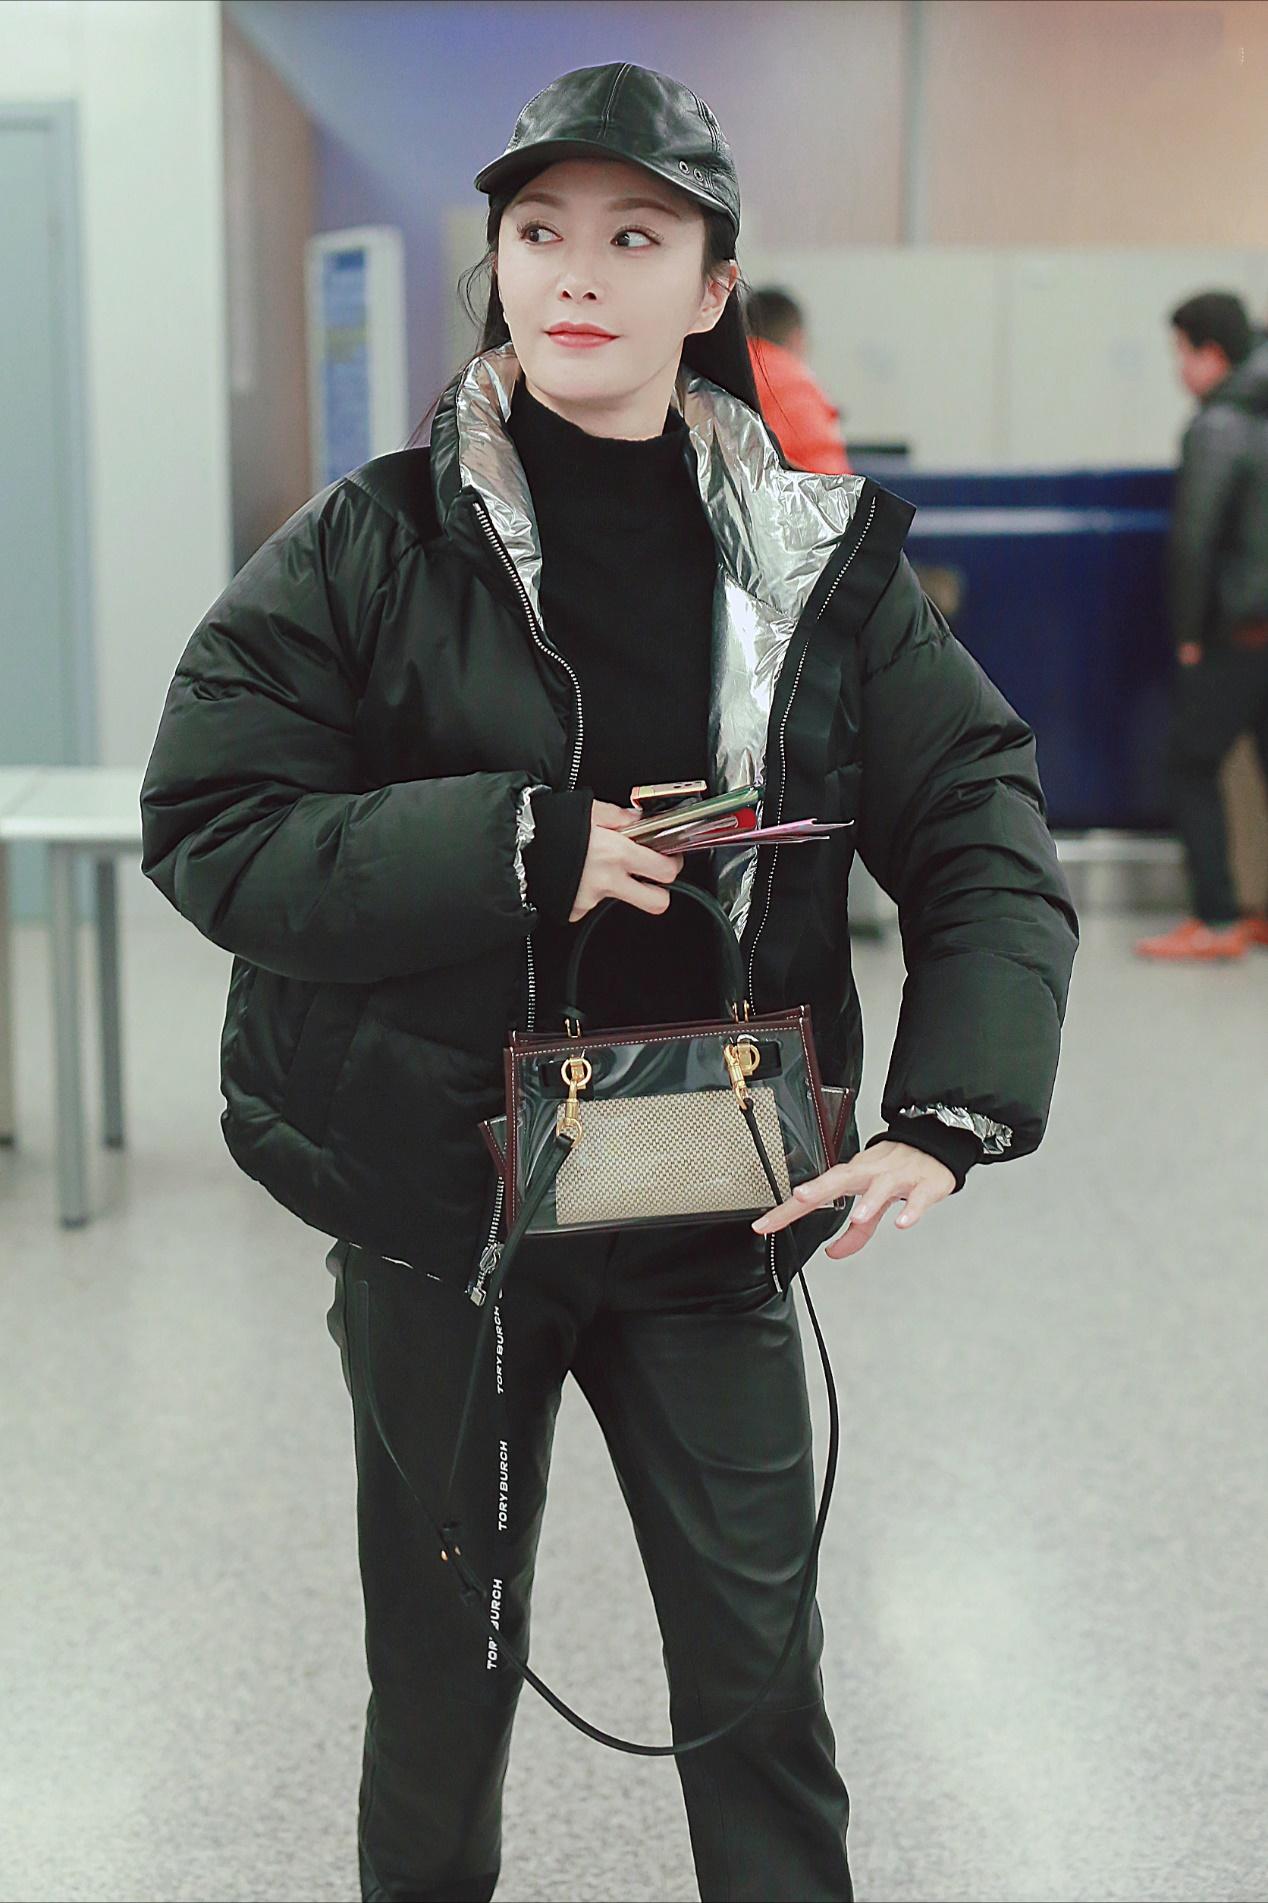 秦岚40岁魅力不减,穿棉服配皮裤时髦显瘦又气质,细腰长腿遮不住